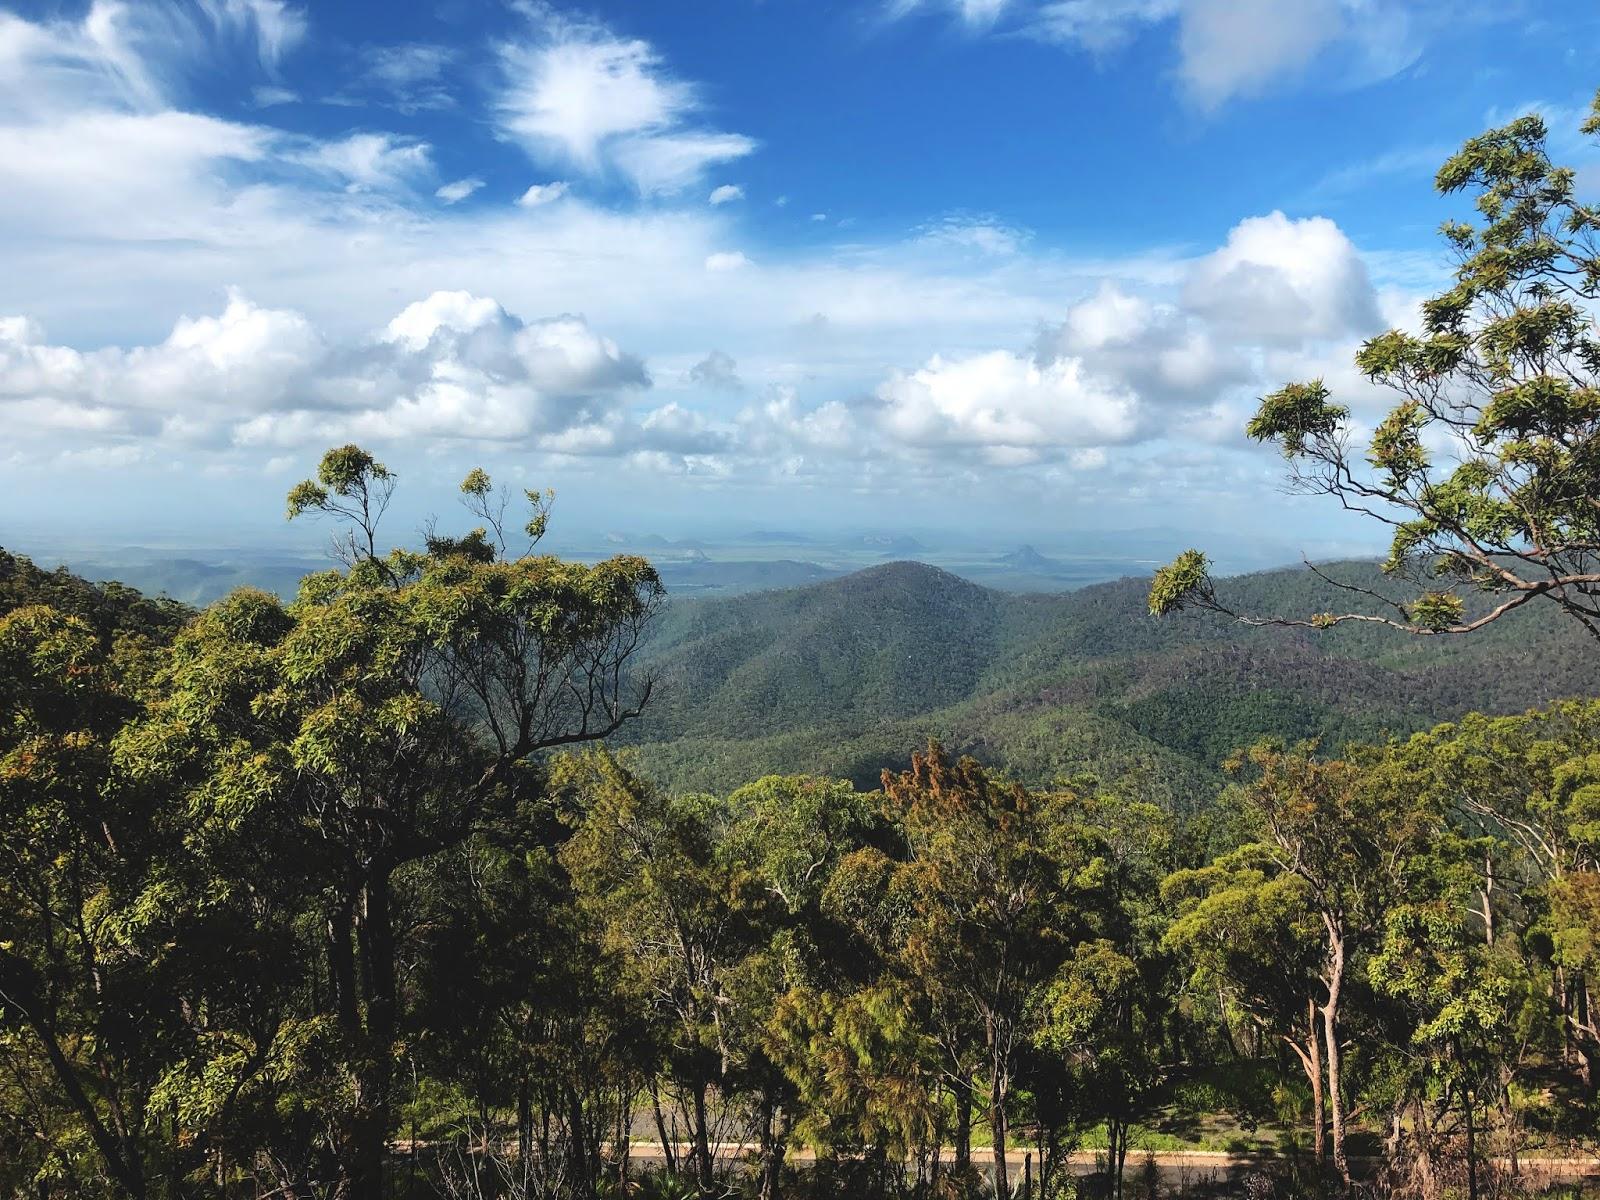 Rockhampton lookout, Mount Archer National Park